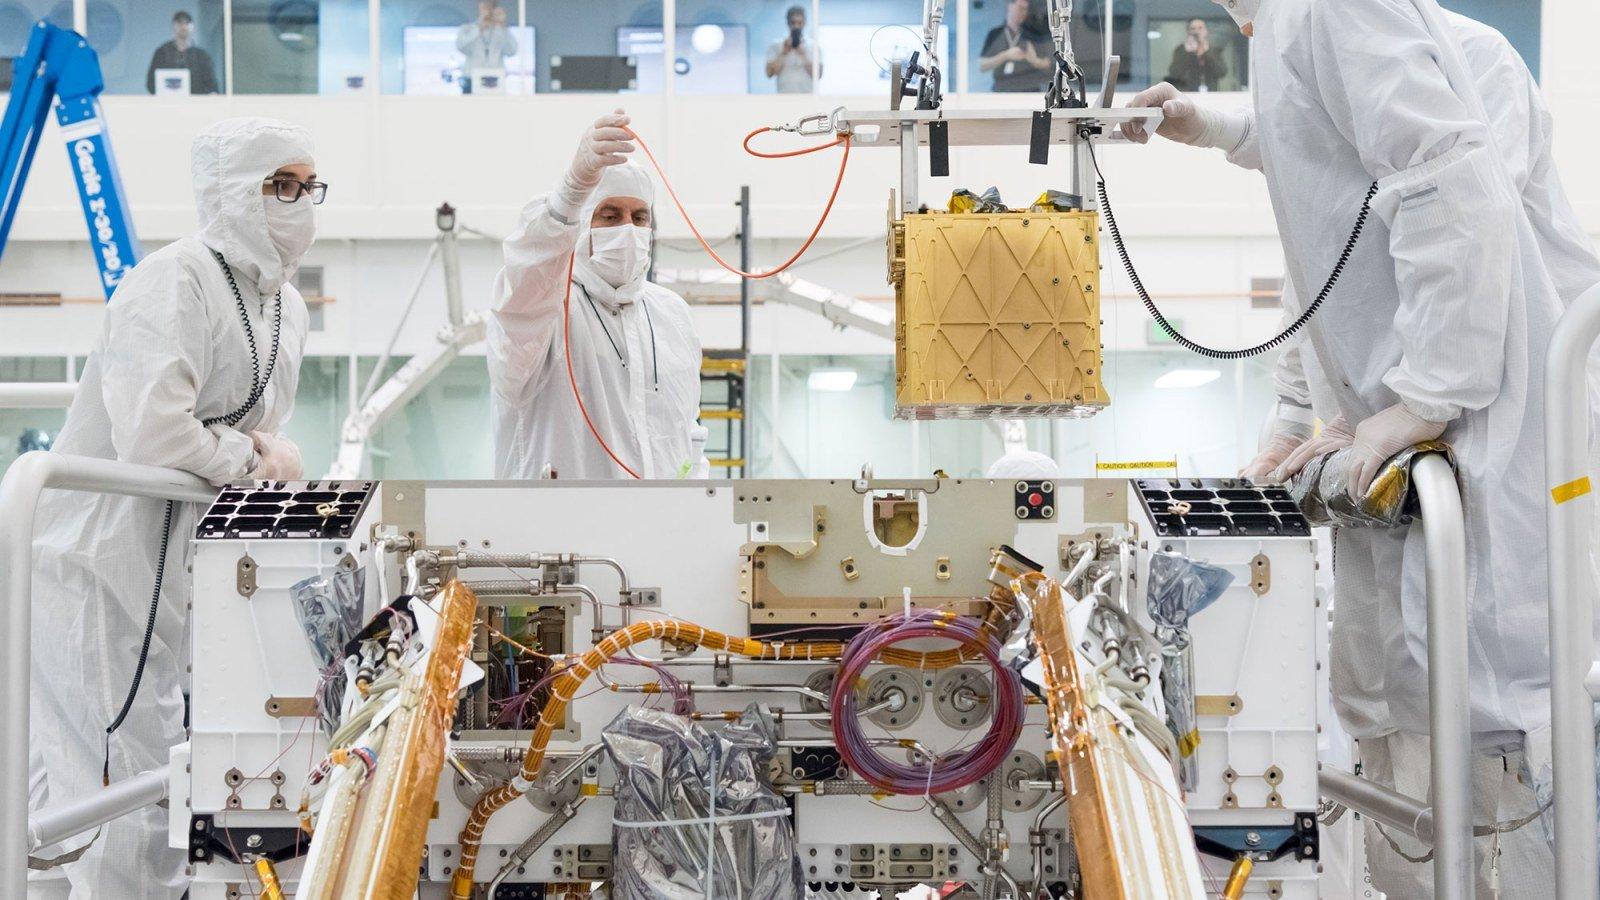 دانشمندان ناسا مشغول کار بر روی ماکسی